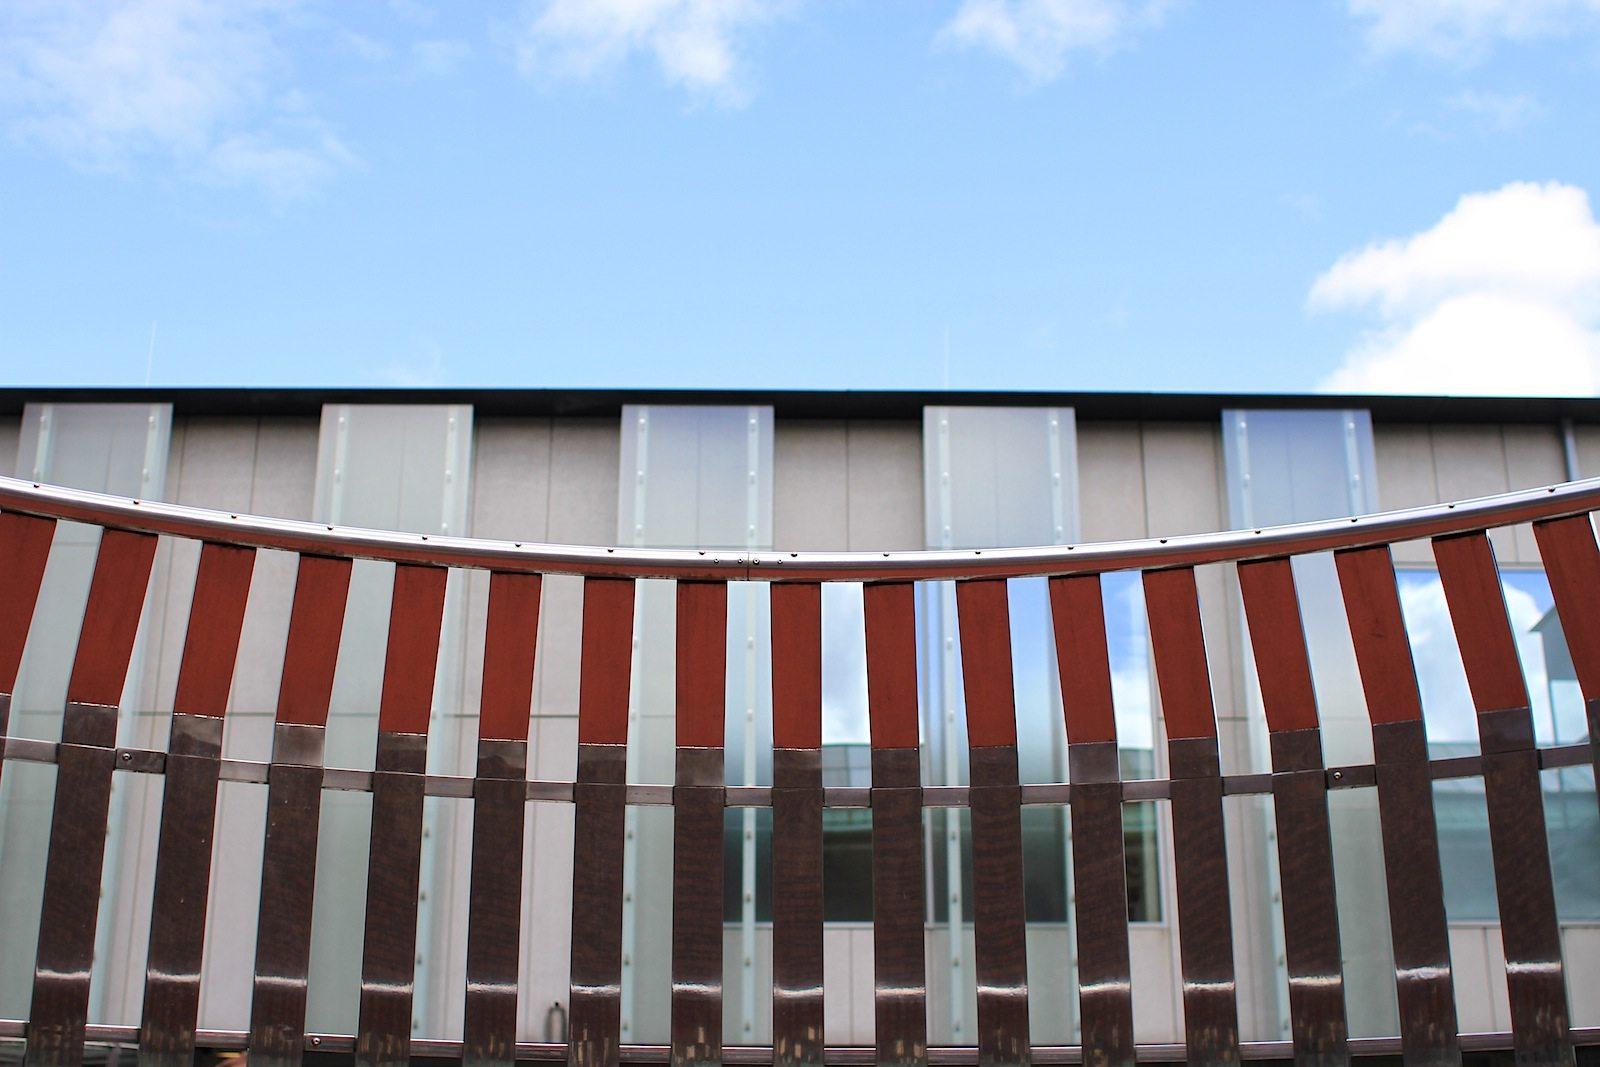 Museum Boijmans van Beuningen. Die Installation Apollo von Olaf Nicolai, geboren 1962 in Halle a. d. Saale. Er lebt und arbeitet in Berlin.